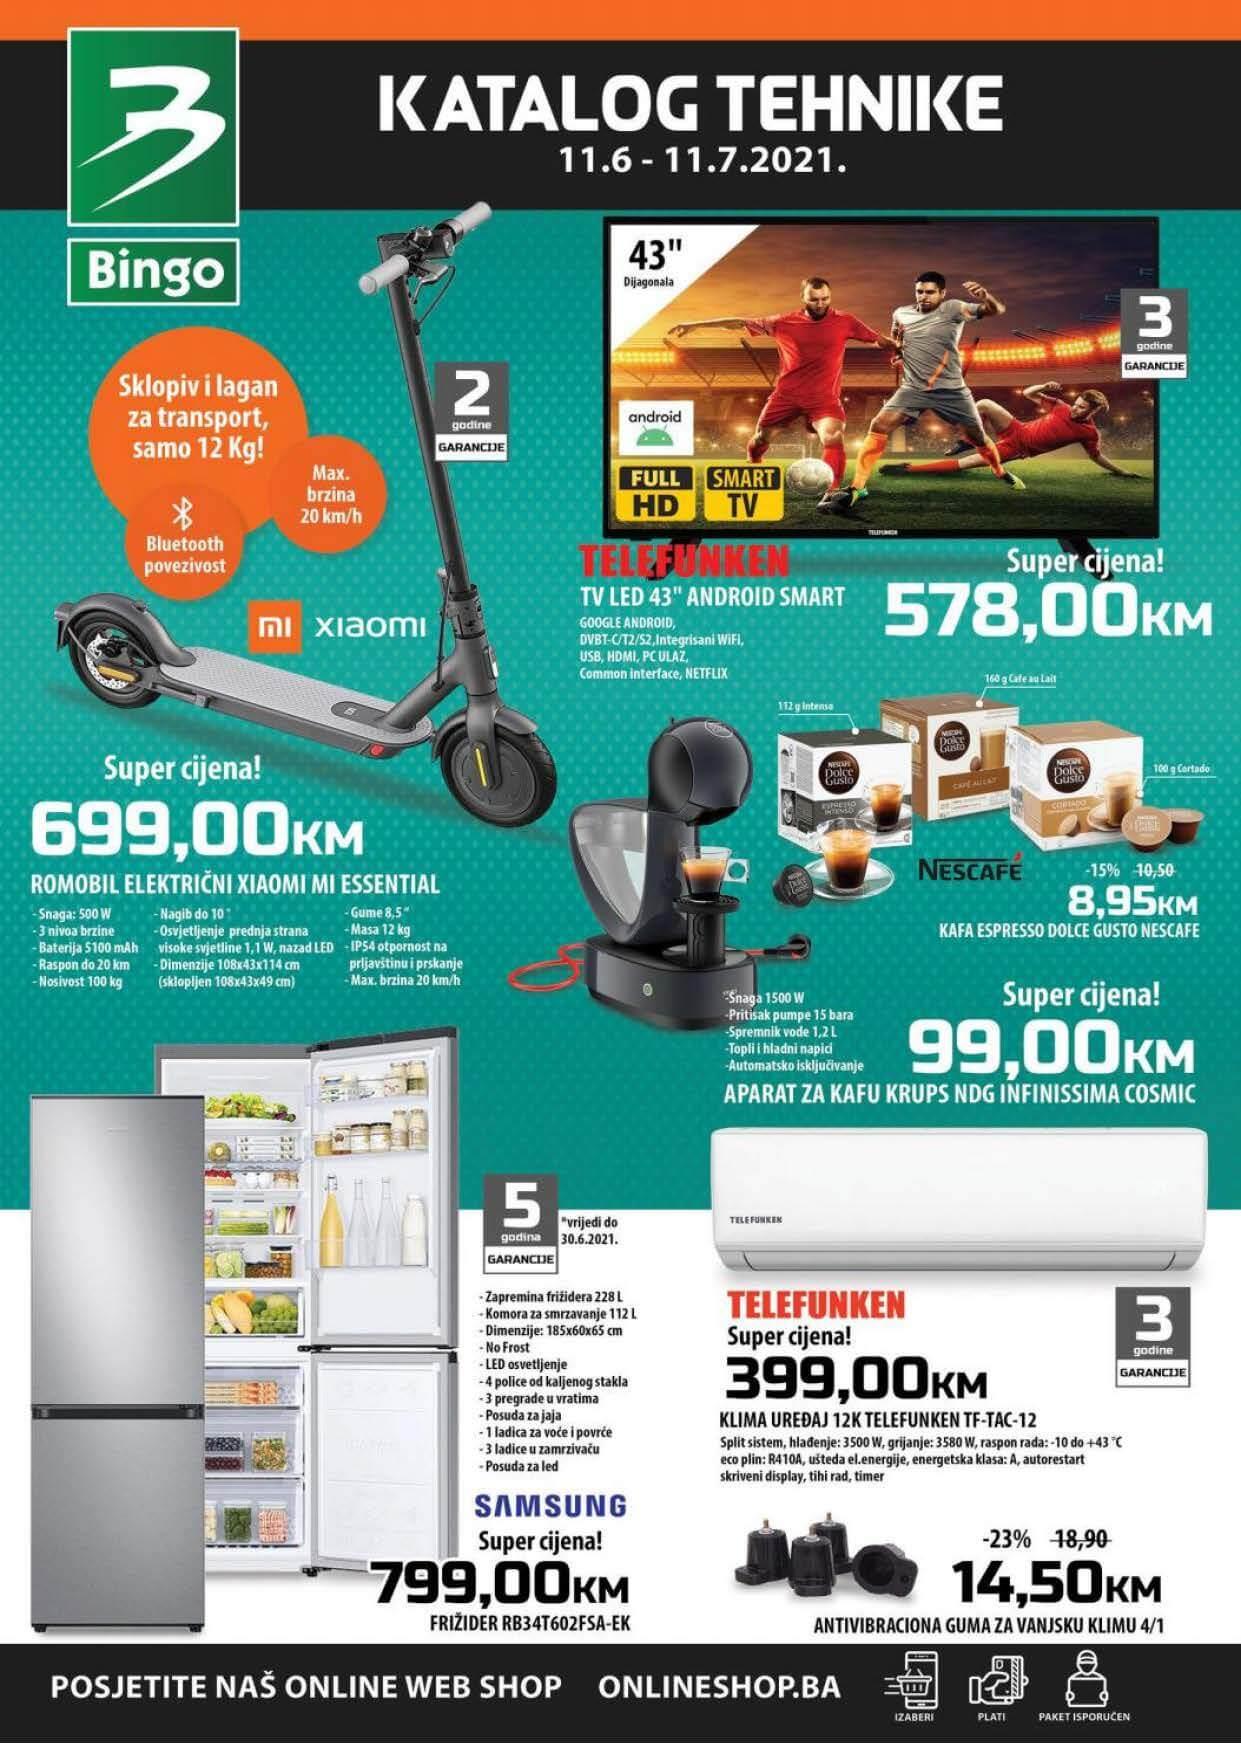 BINGO Katalog Katalog tehnike JUN i JUL 2021 11.6. 11.7. eKatalozi.com PR Page 1 1